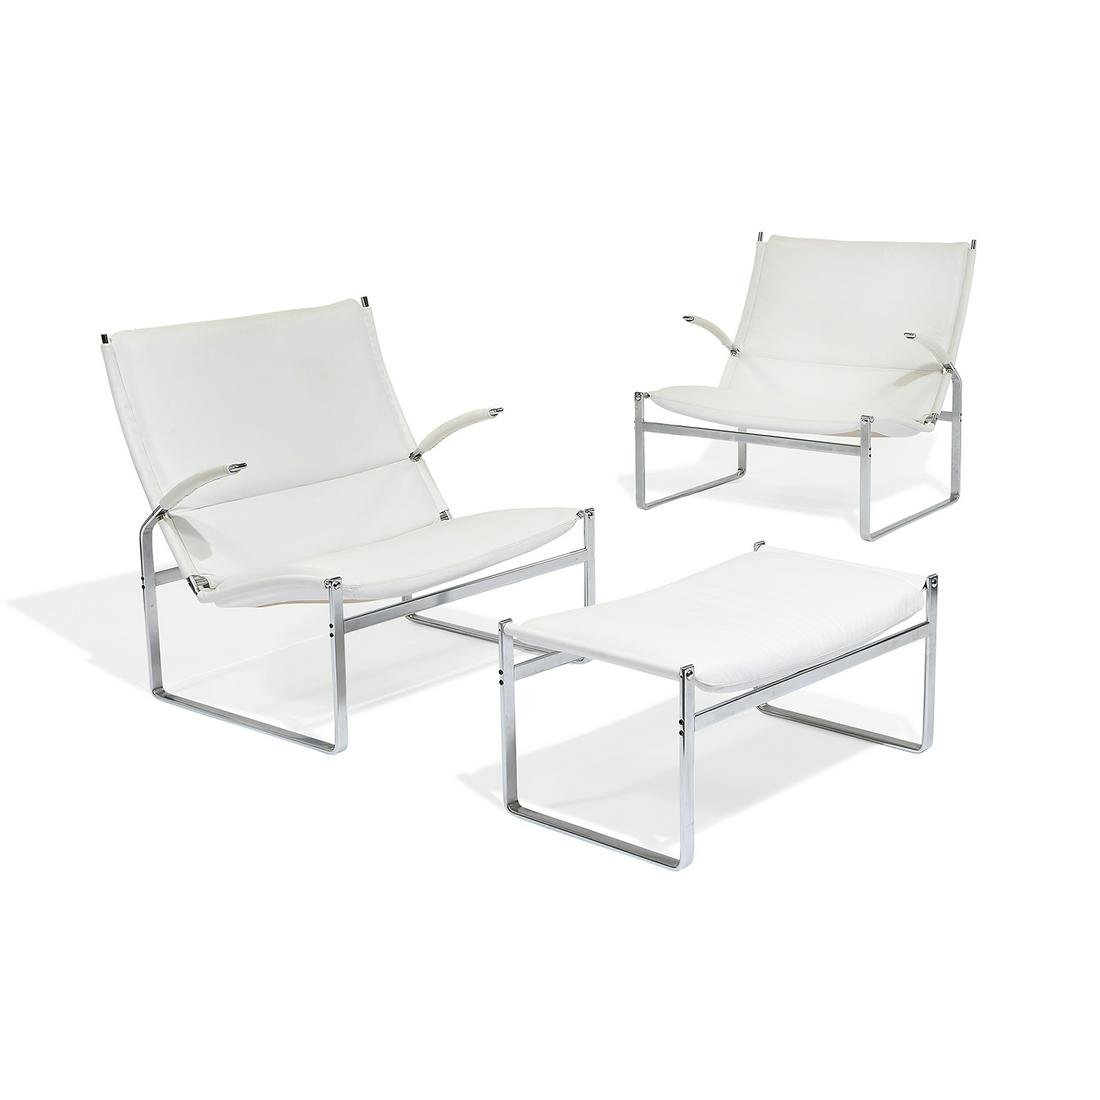 Preben Fabricius & Jørgen Kastholm chairs